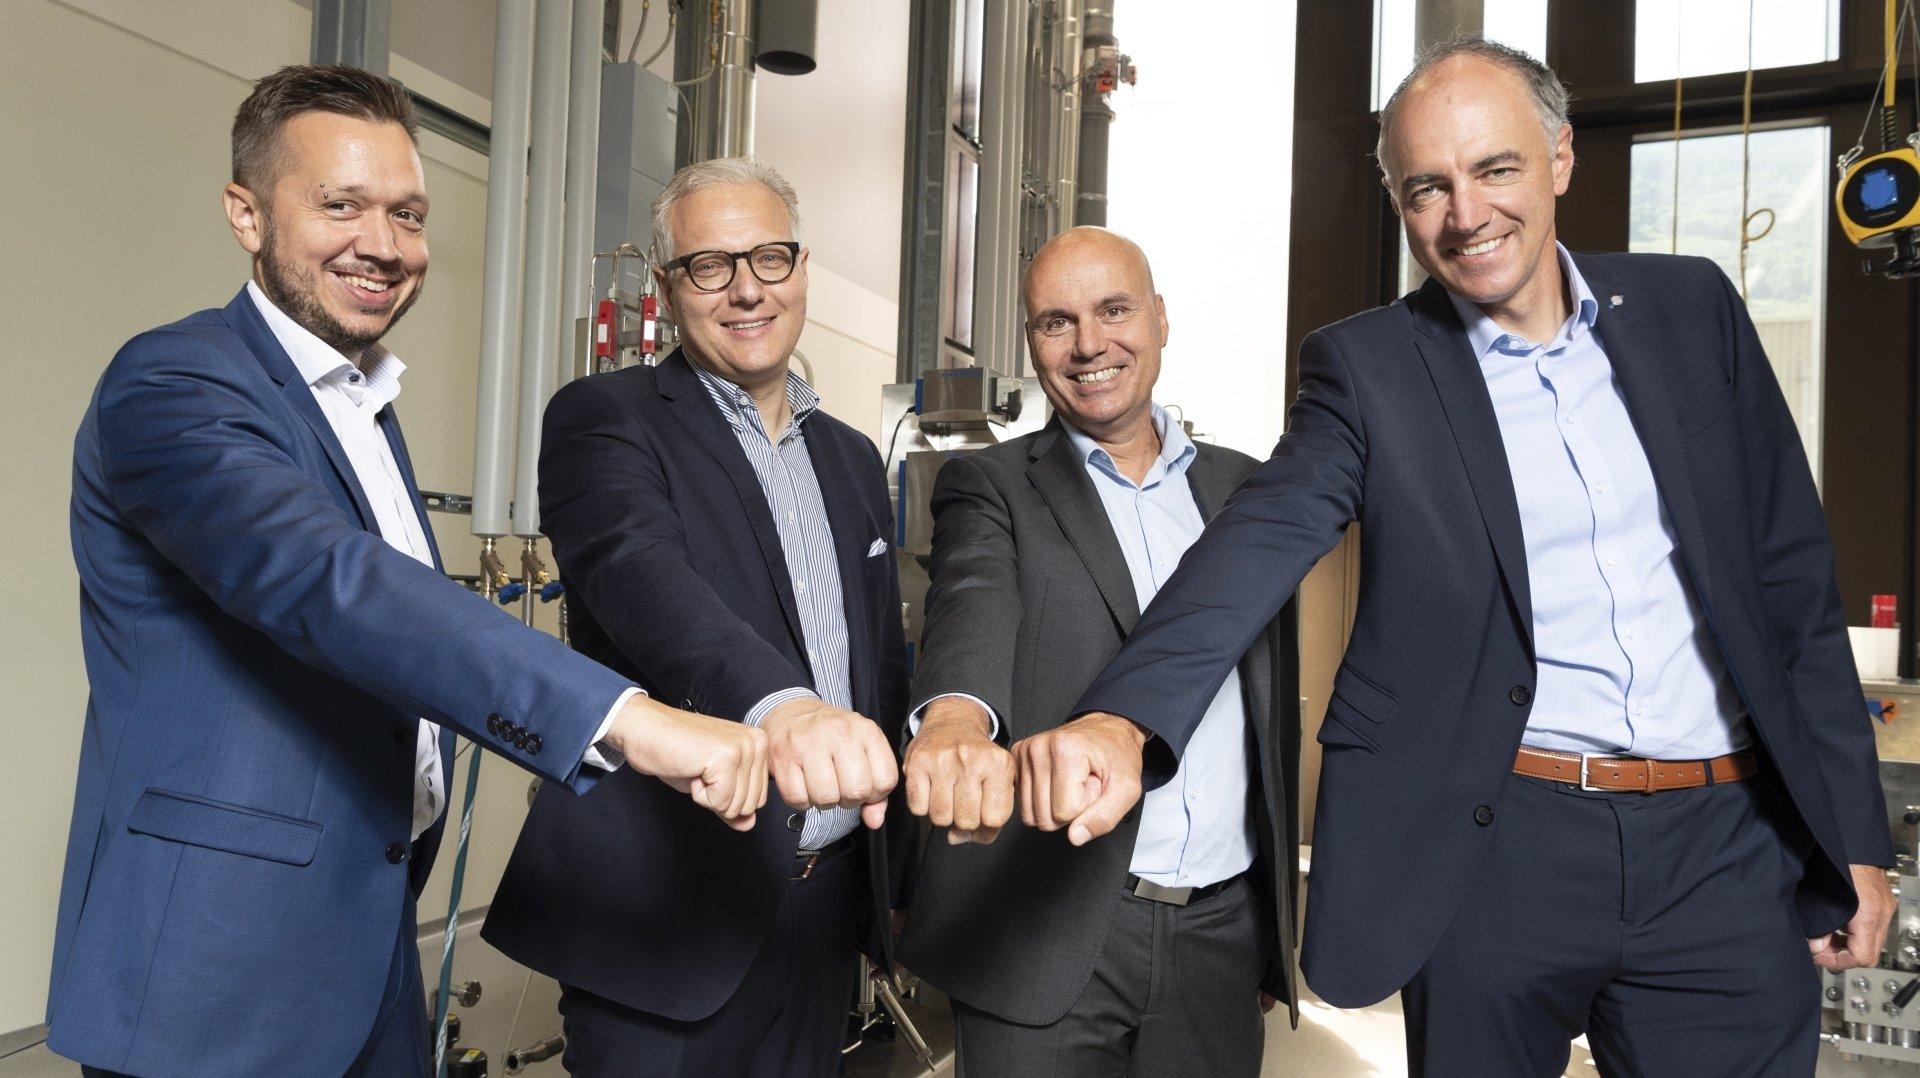 """Gaëtan Cherix, Renzo Ciccilini, François Seppey et Christophe Darbellay tirent un premier bilan """"réjouissant"""" du partenariat signé début 2020 entre Lonza et la HES-SO Valais-Wallis."""